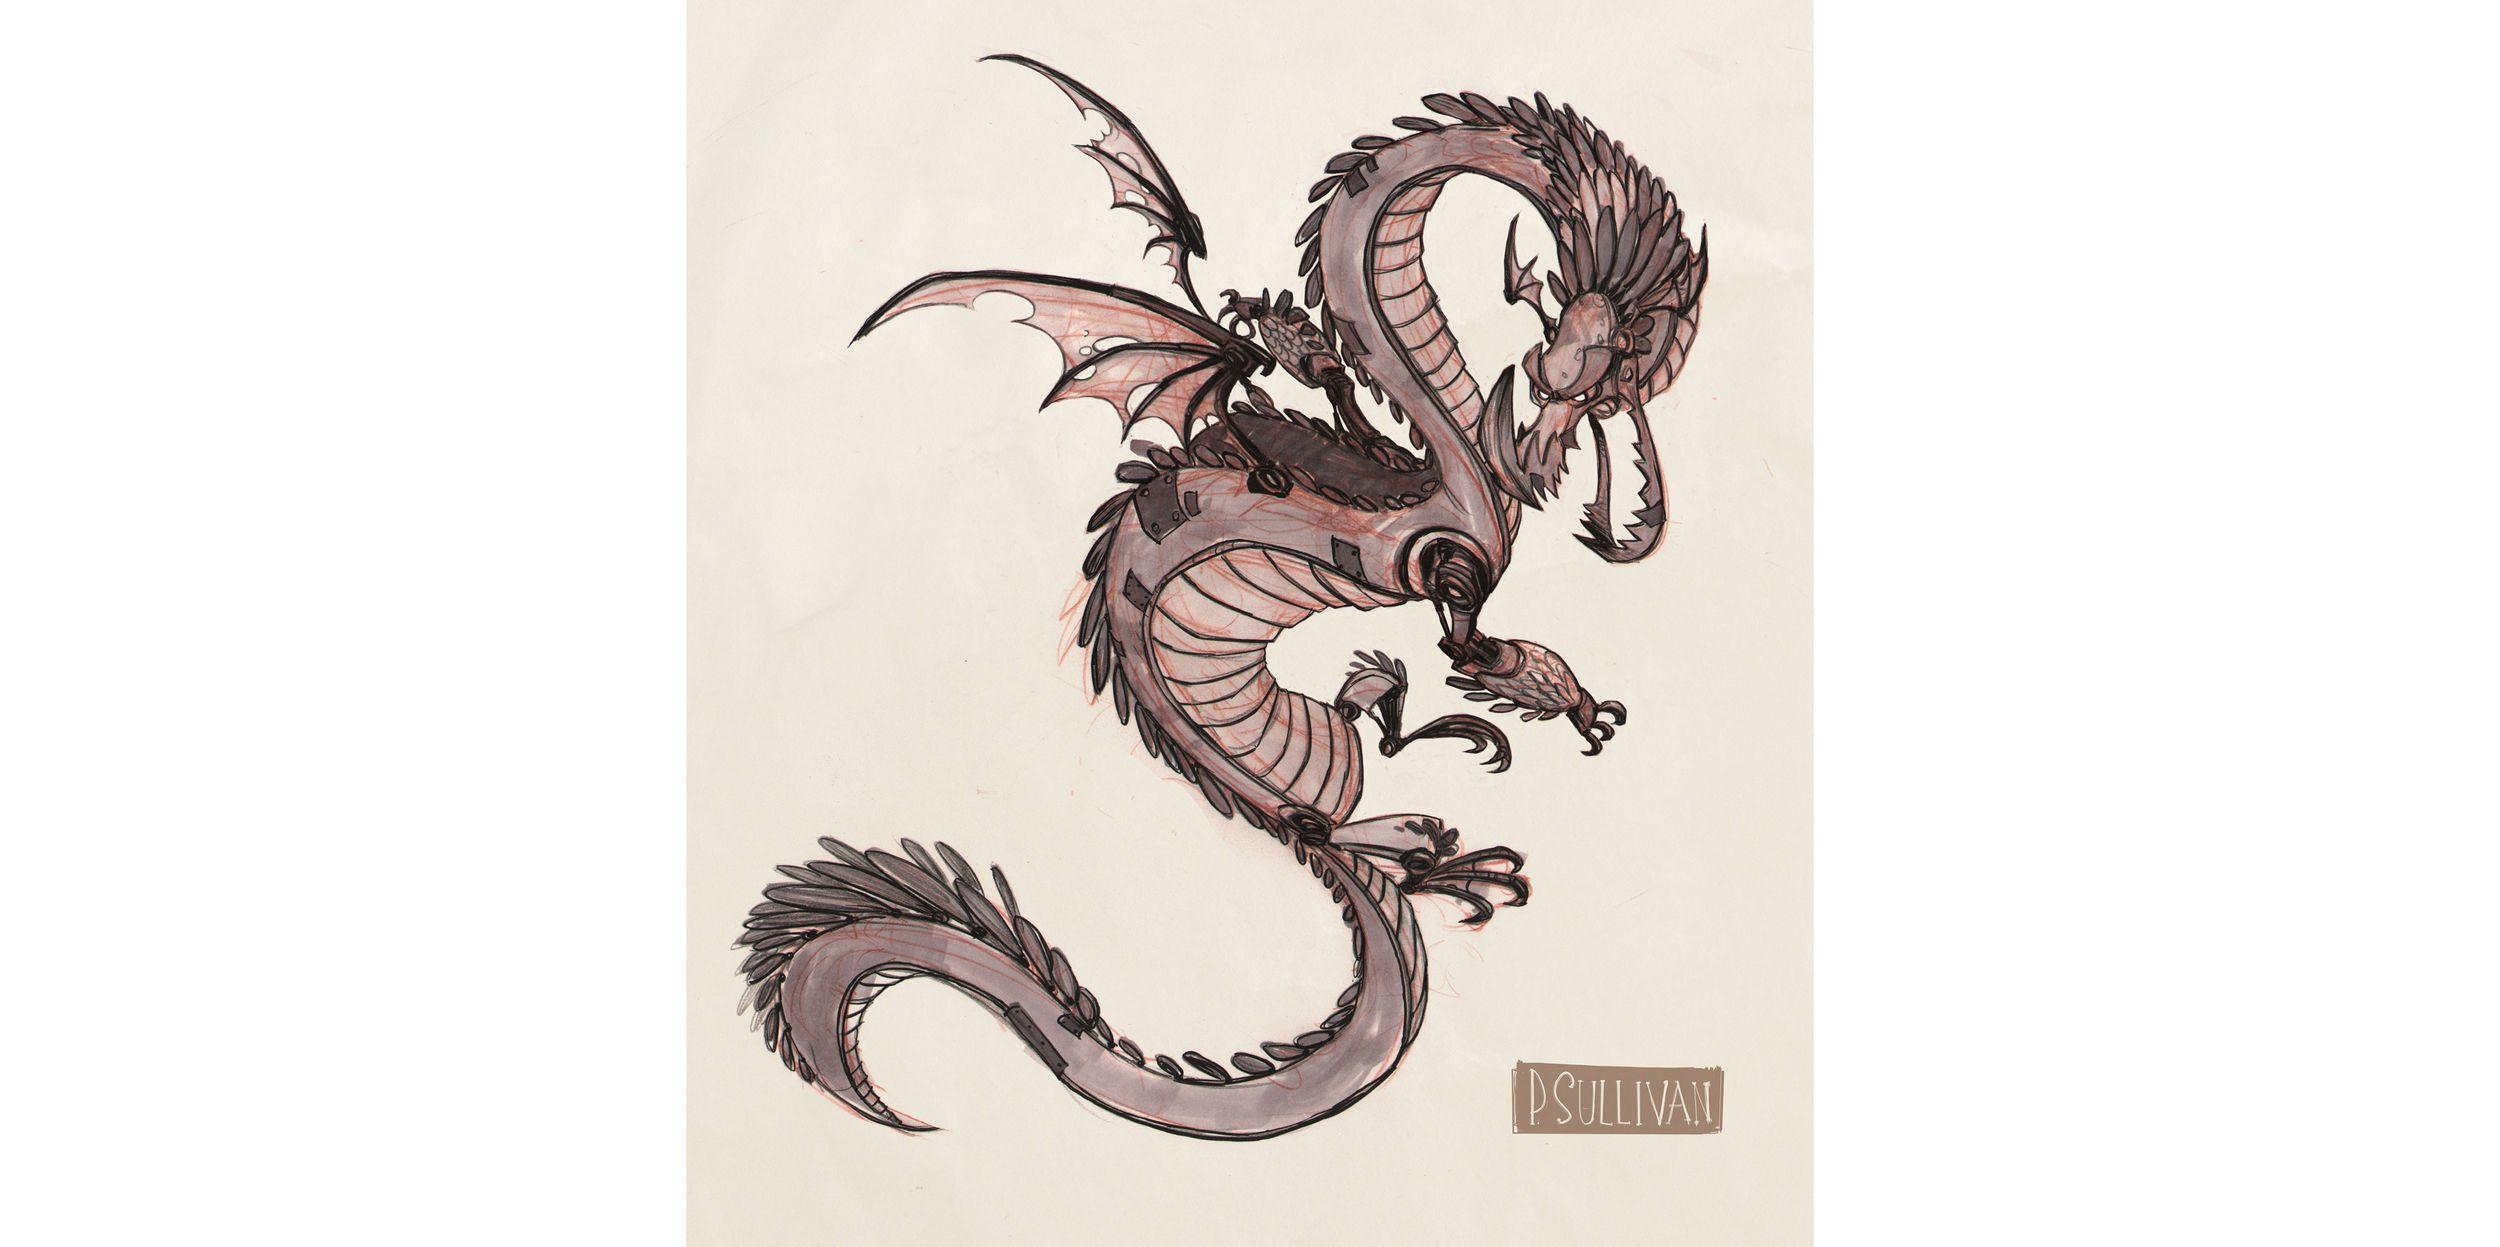 mech+dragon+copy.jpg (2500×1247)